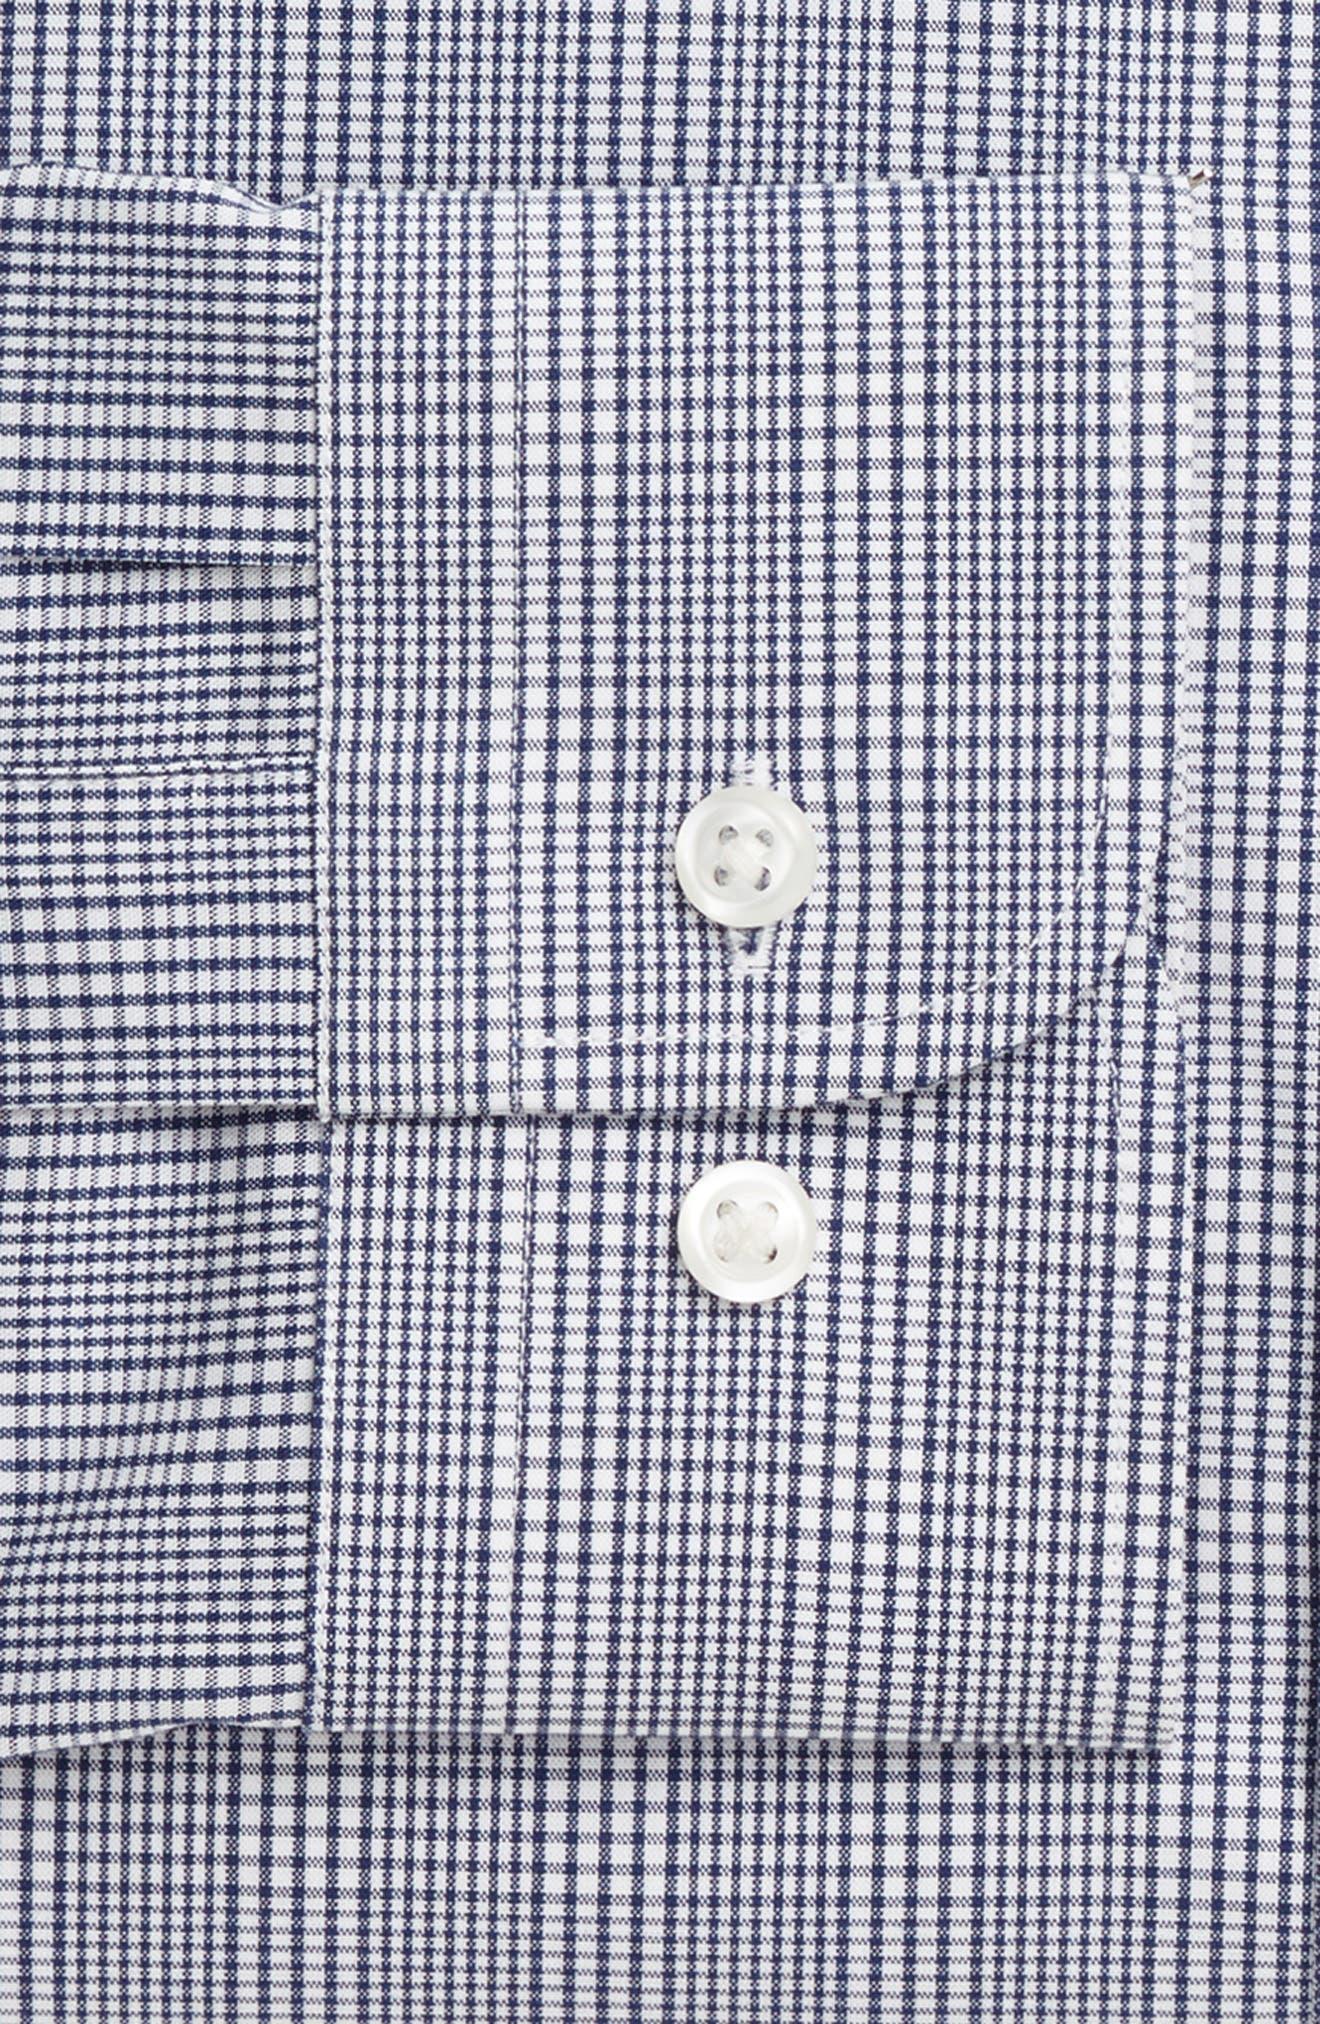 Tech-Smart Trim Fit Stretch Plaid Dress Shirt,                             Alternate thumbnail 3, color,                             Blue Twilight